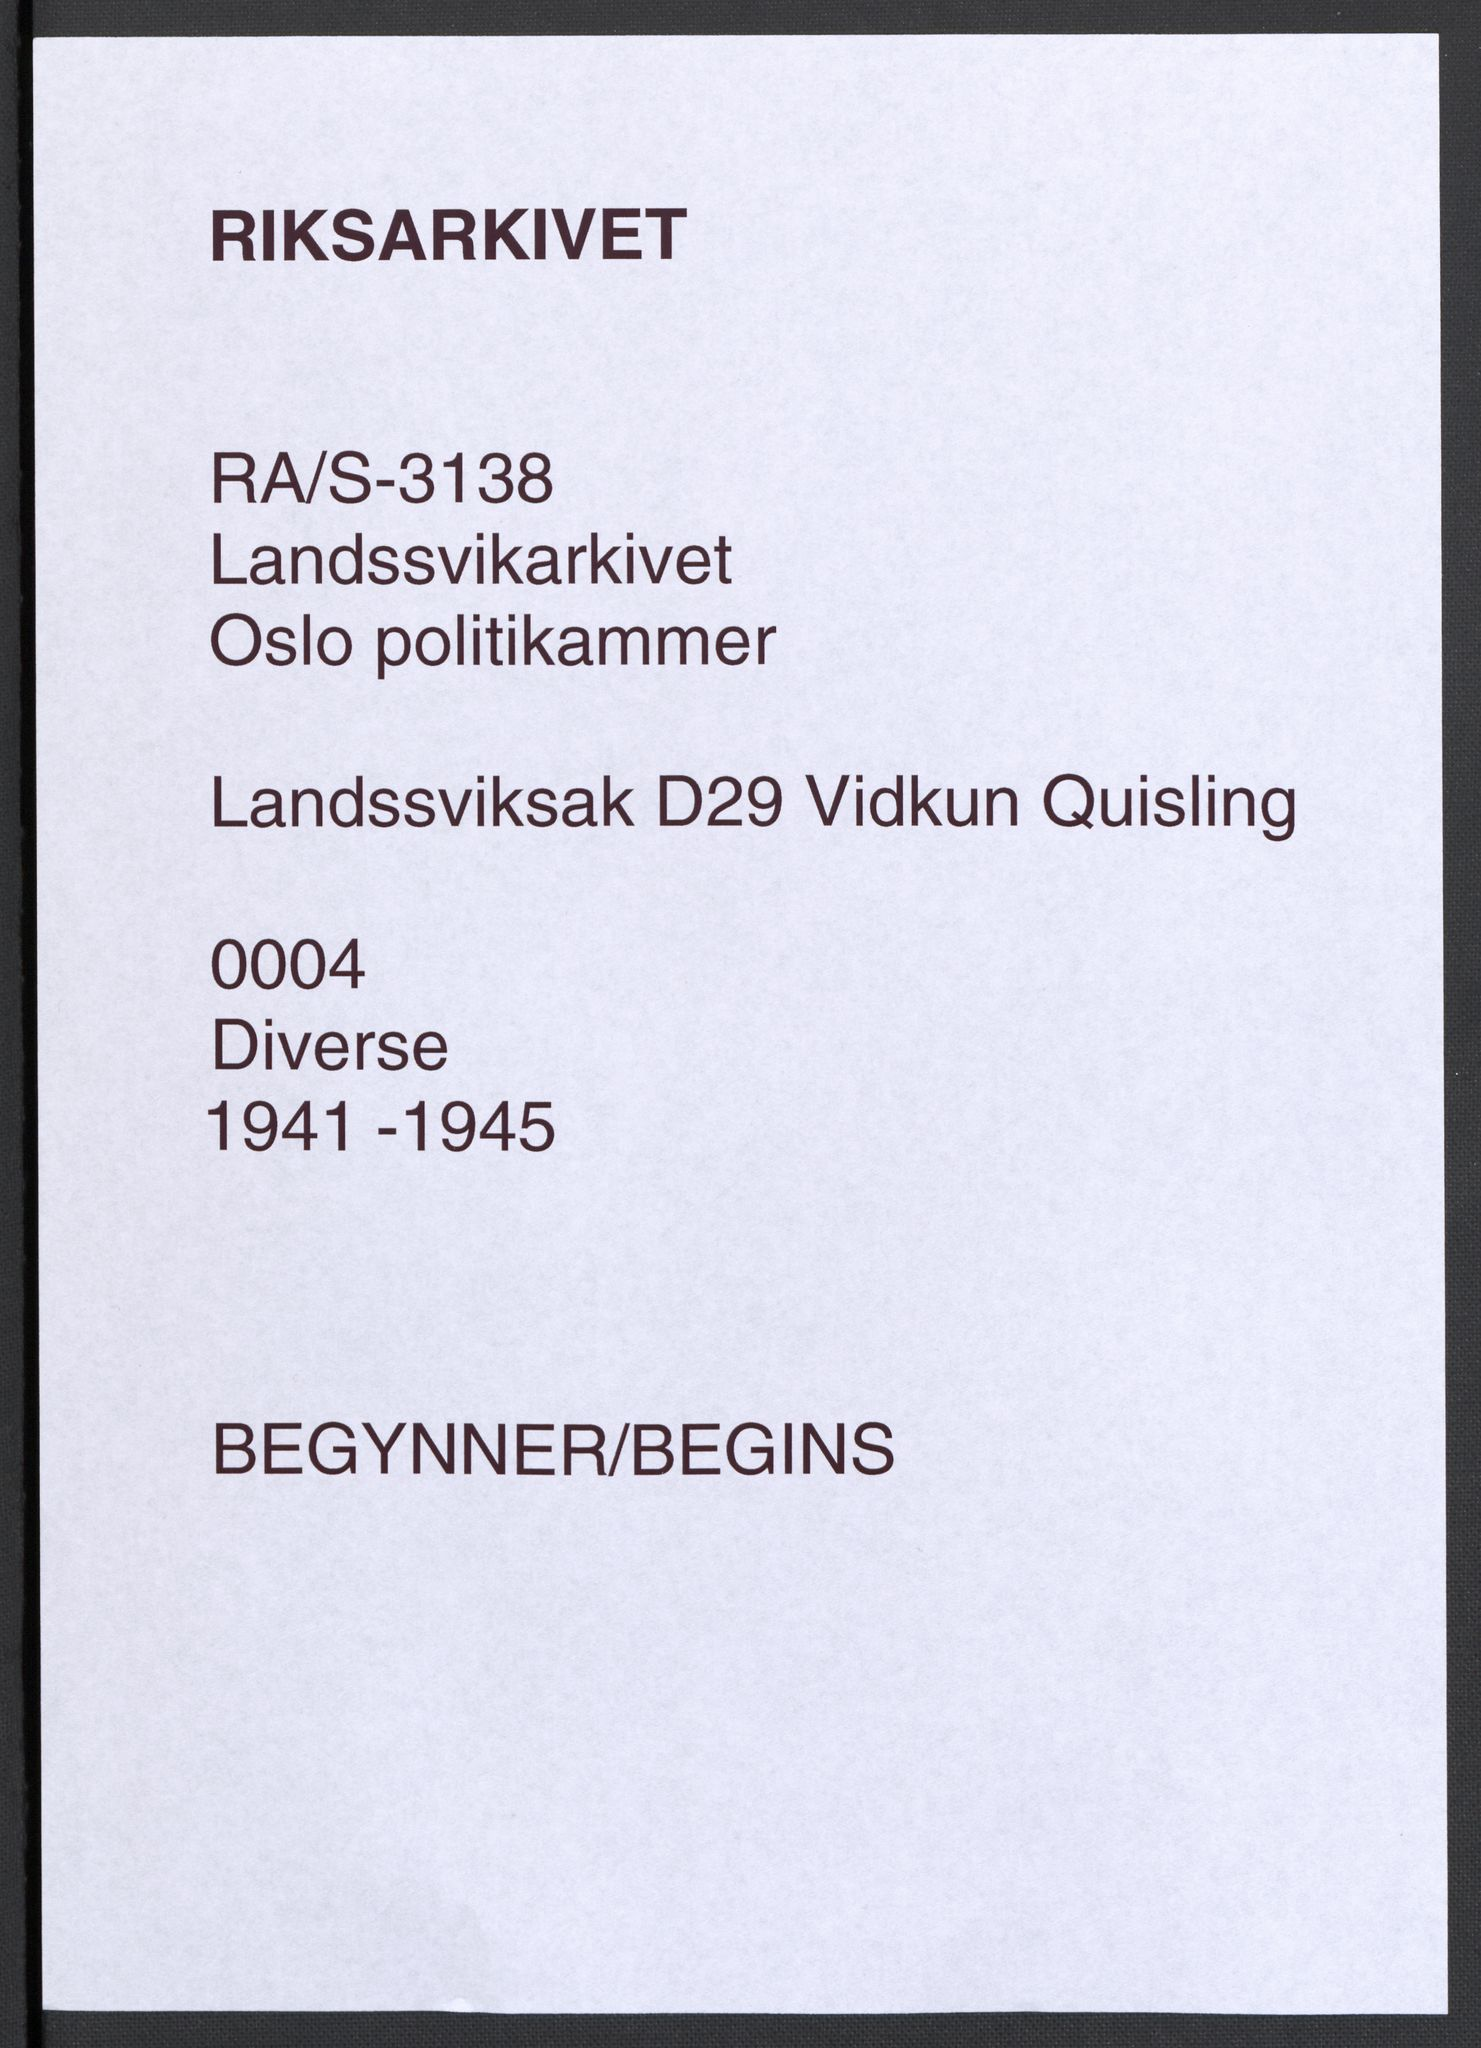 RA, Landssvikarkivet, D/Da/L0006: Dnr. 29, 1945, p. 1